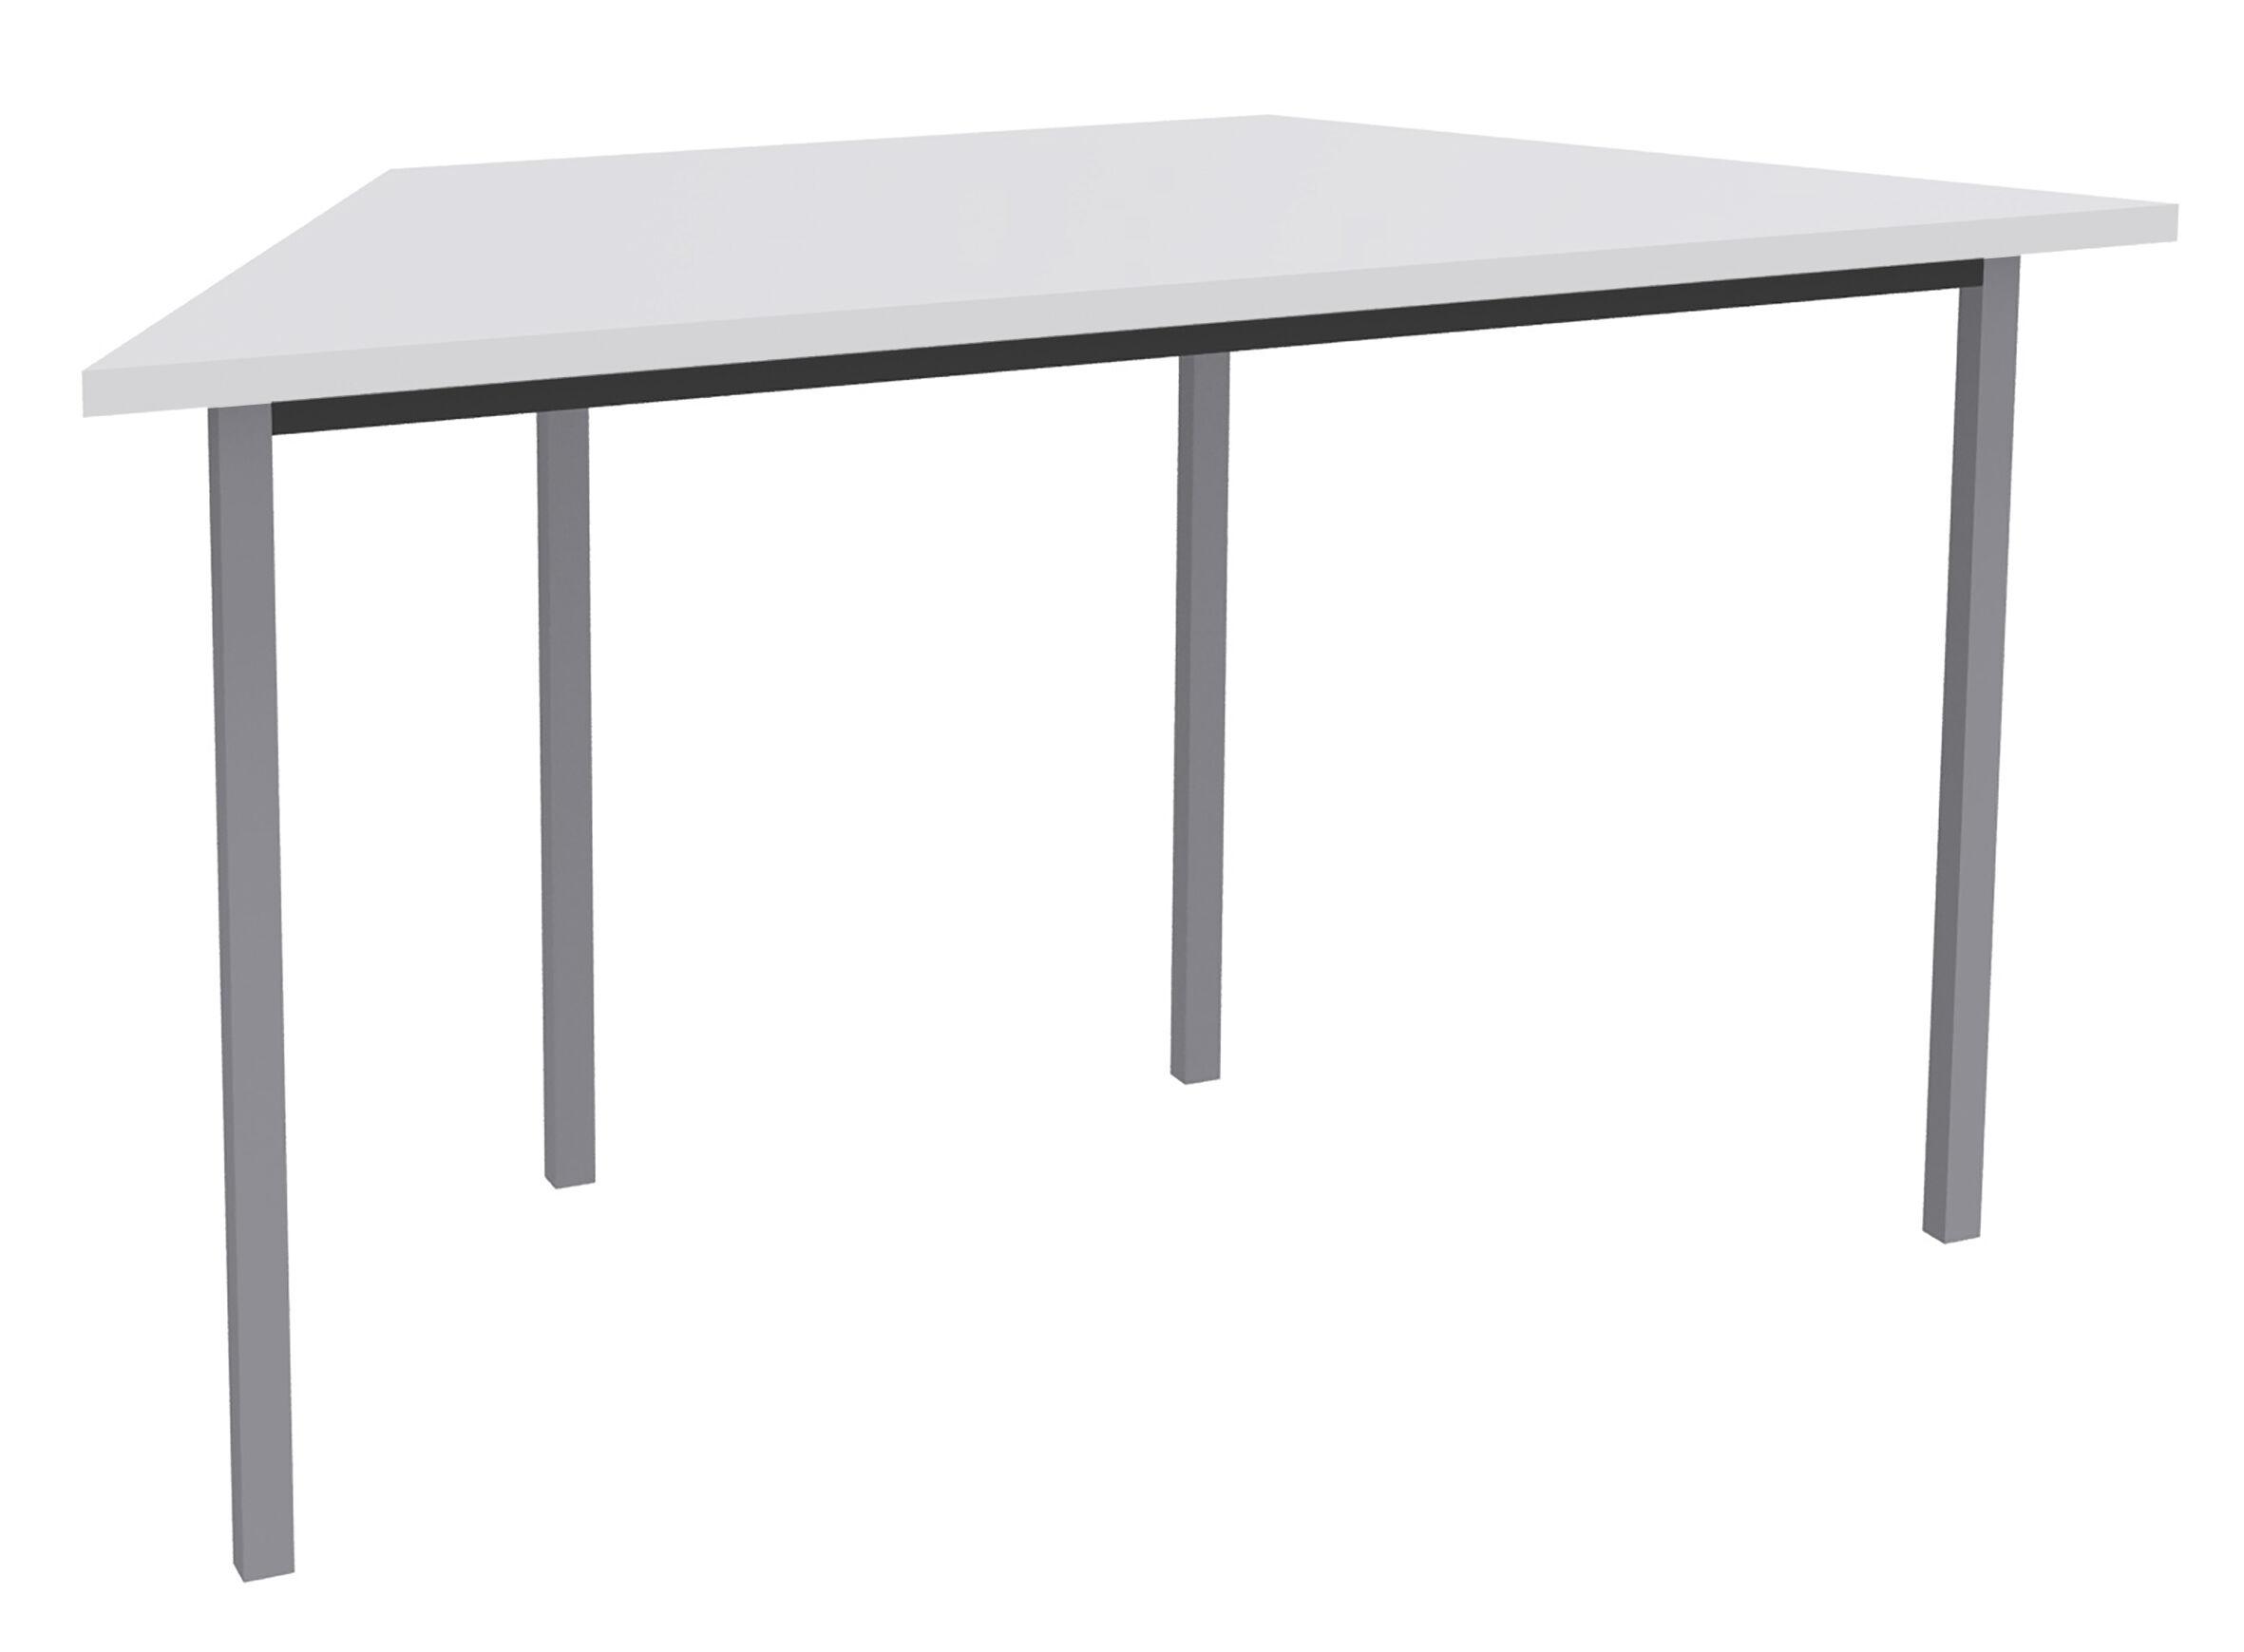 Table de réunion Trapèze - 120 x 60 cm - Pieds aluminium - Blanc perle